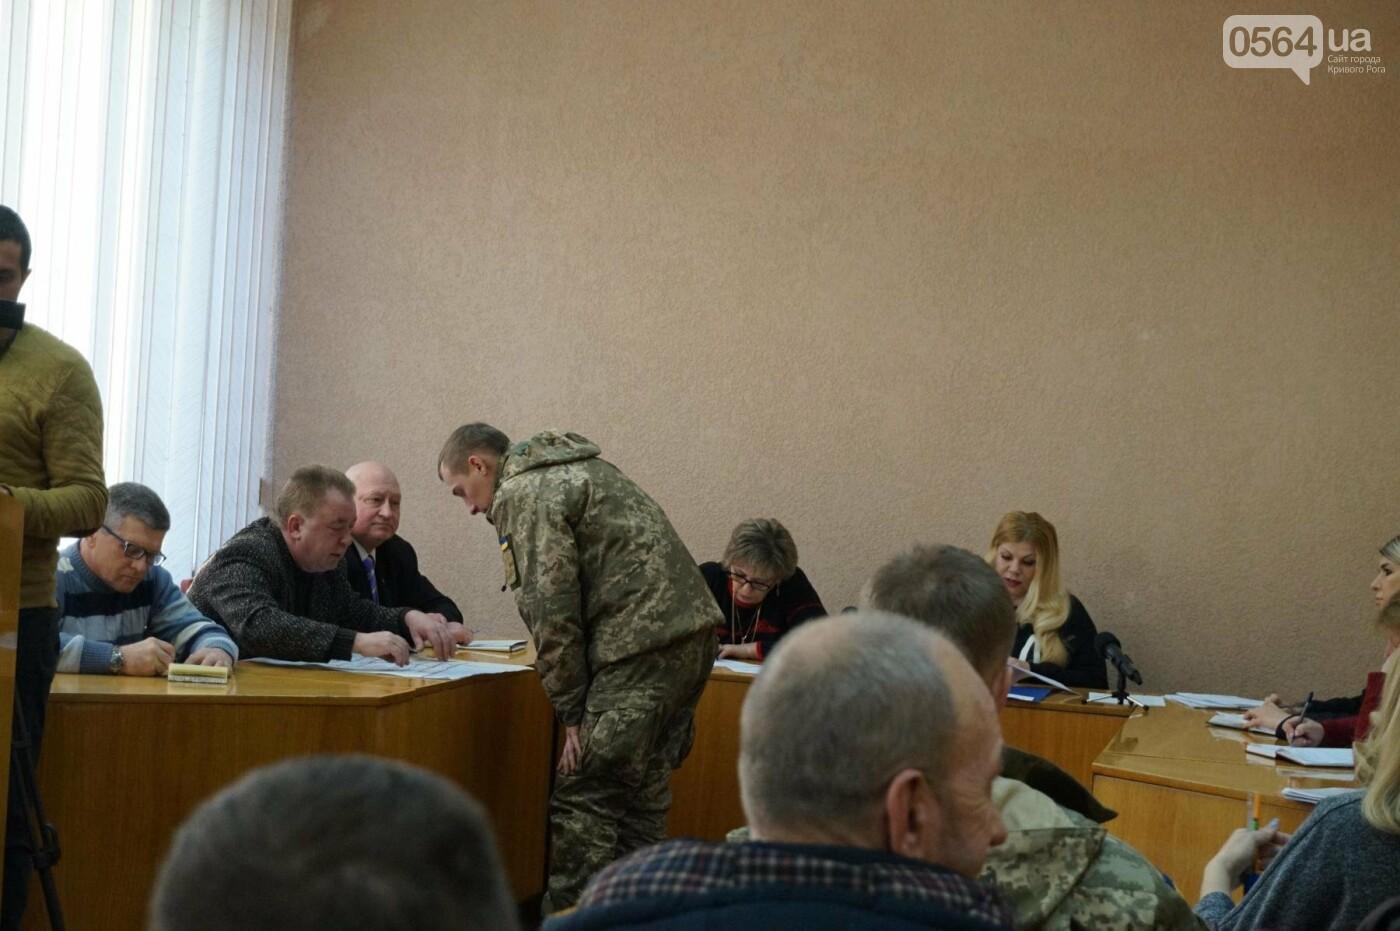 В Кривом Роге 52 бойца АТО получили землю под строительство жилья (ФОТО), фото-16